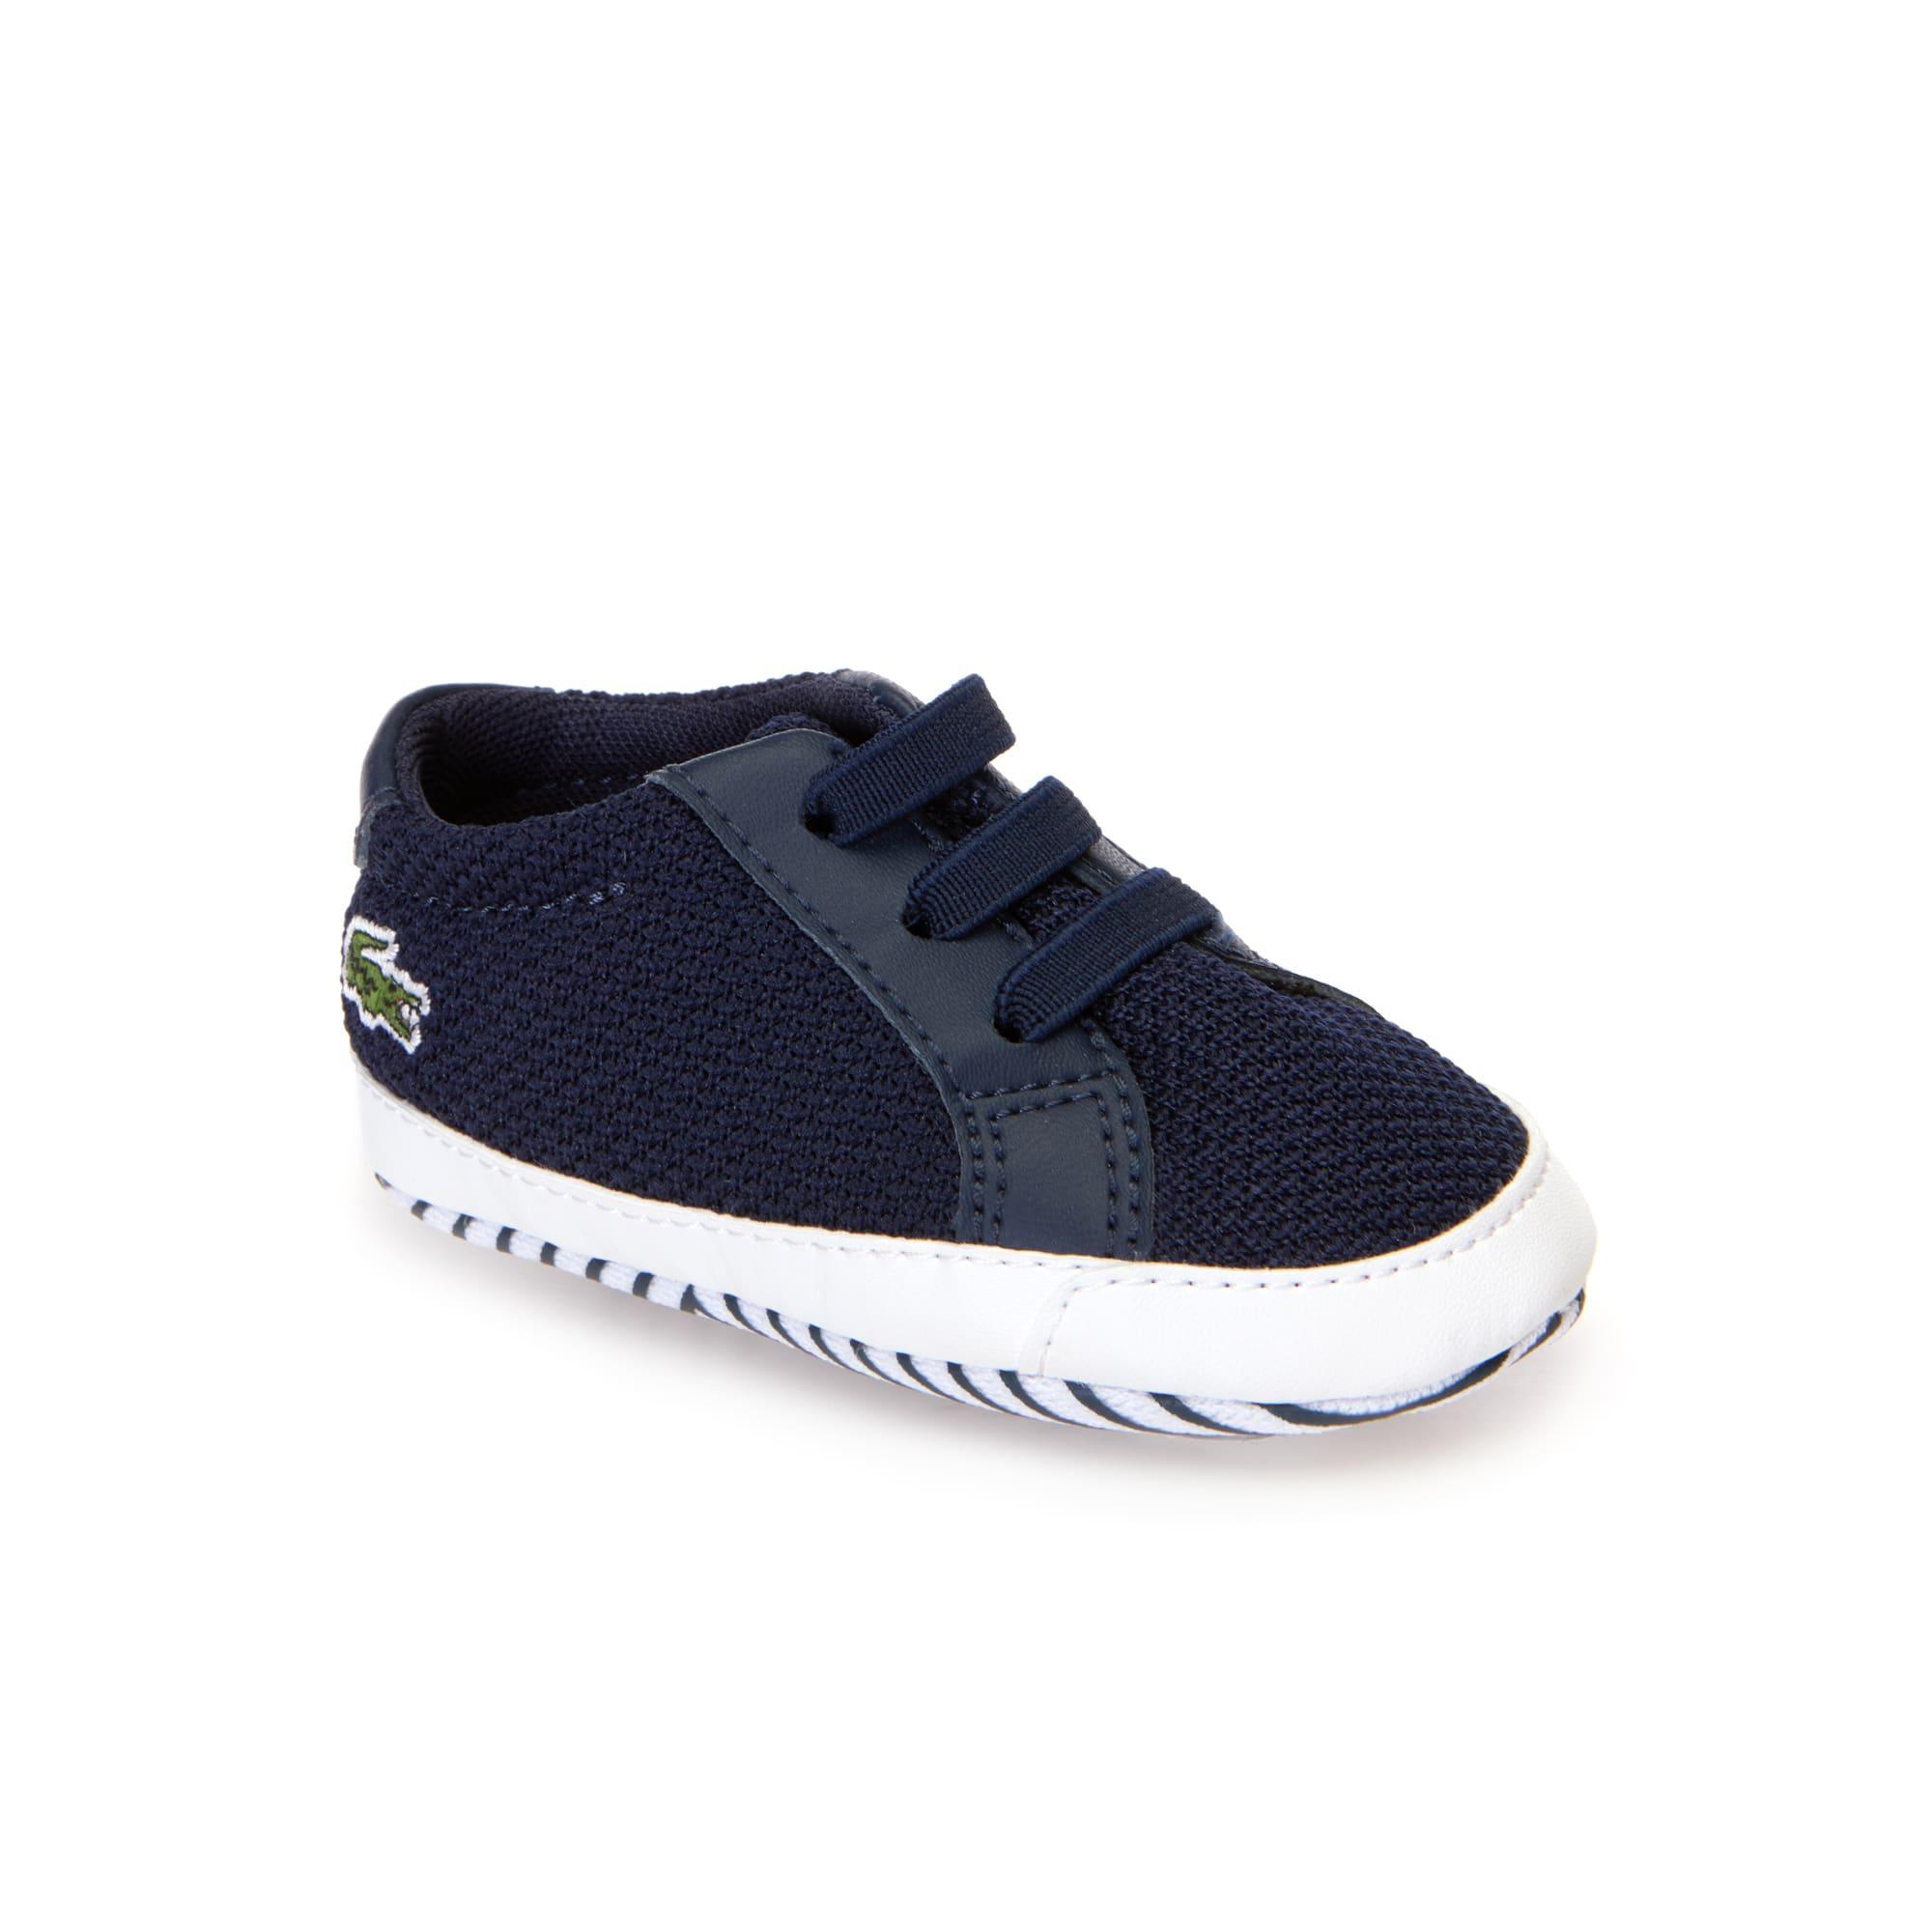 Sapatilhas em matéria têxtil L.12.12 para bebé